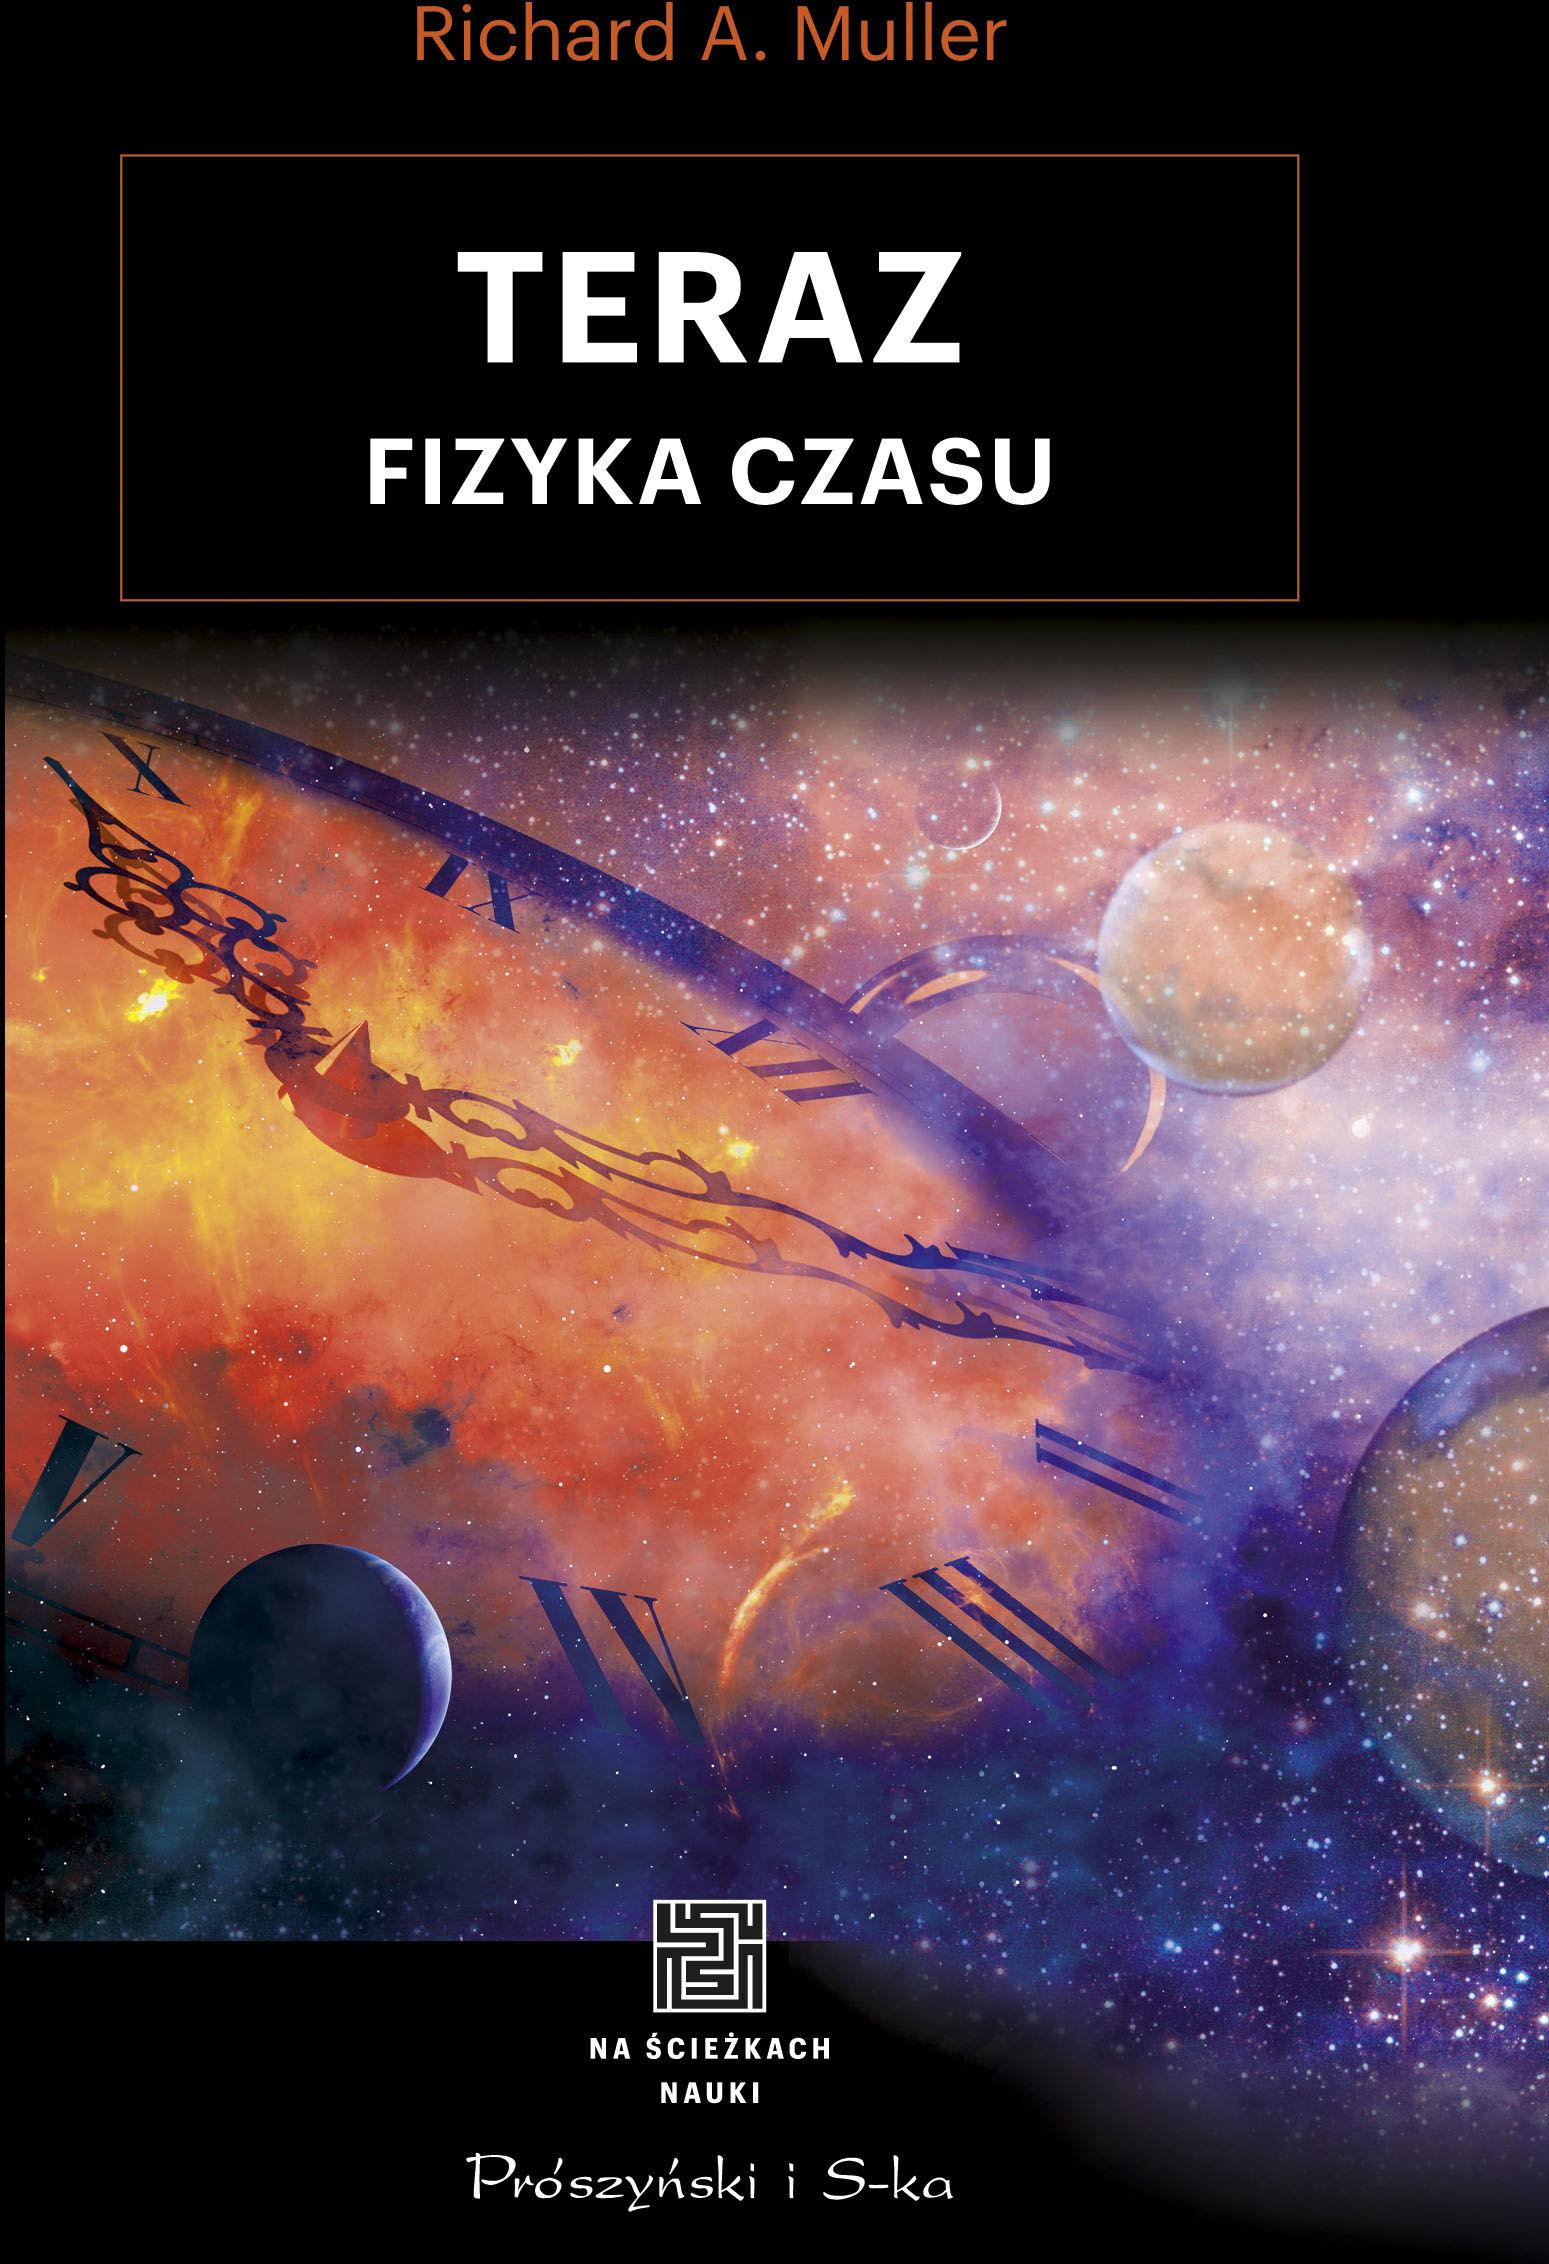 Teraz. Fizyka czasu - Richard A. Muller - ebook